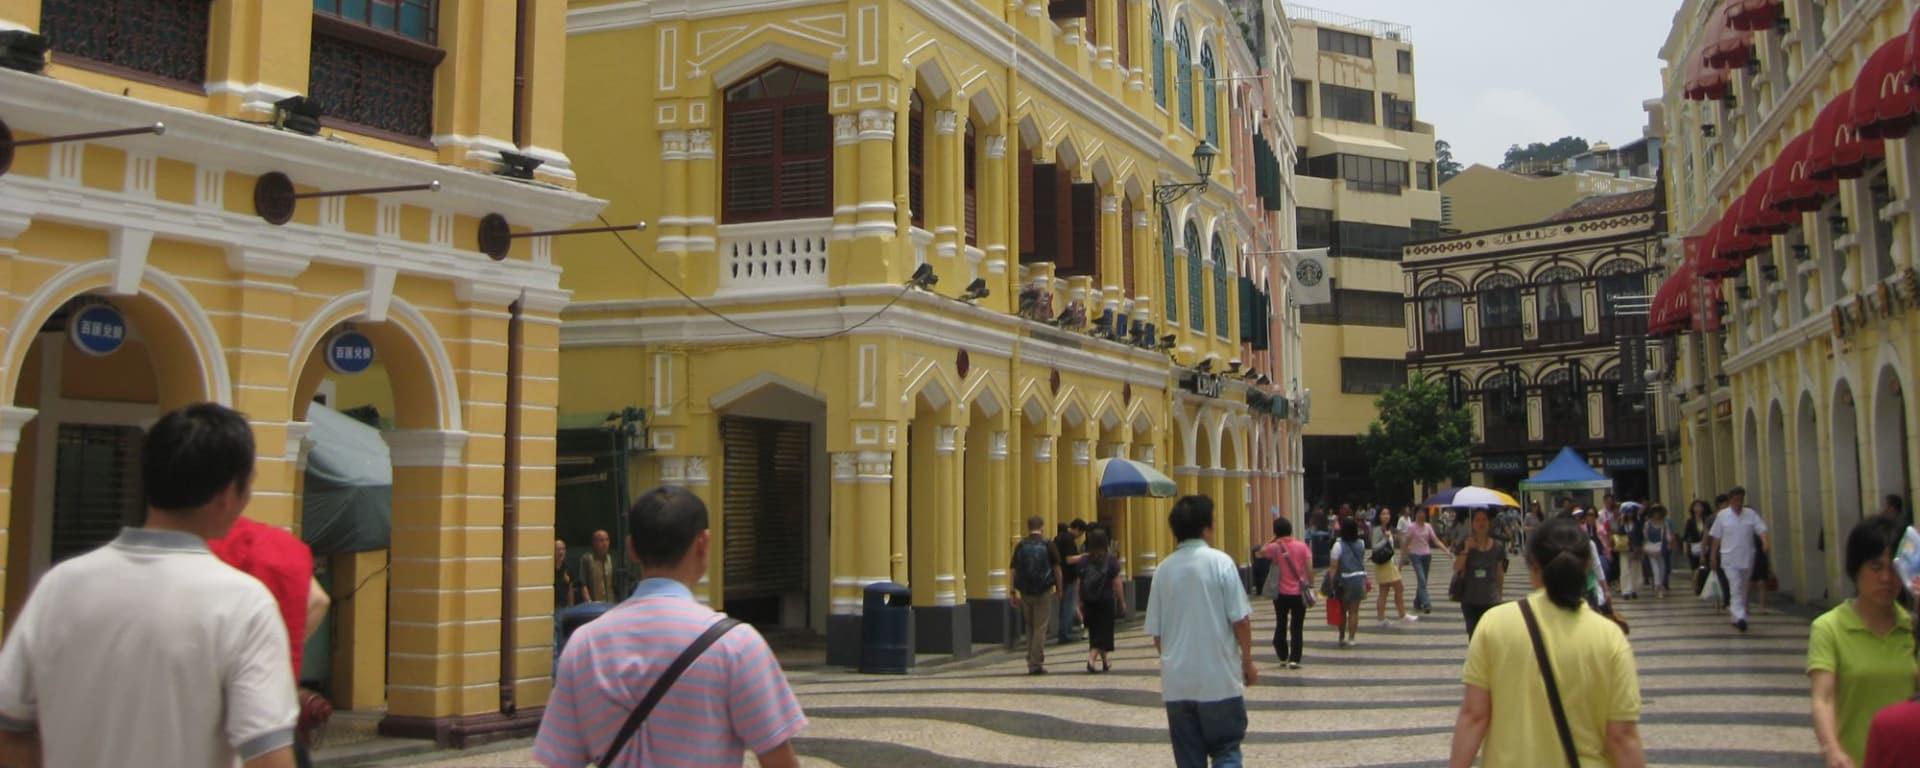 Wissenswertes zu Macau Reisen und Ferien: Largo do Senado